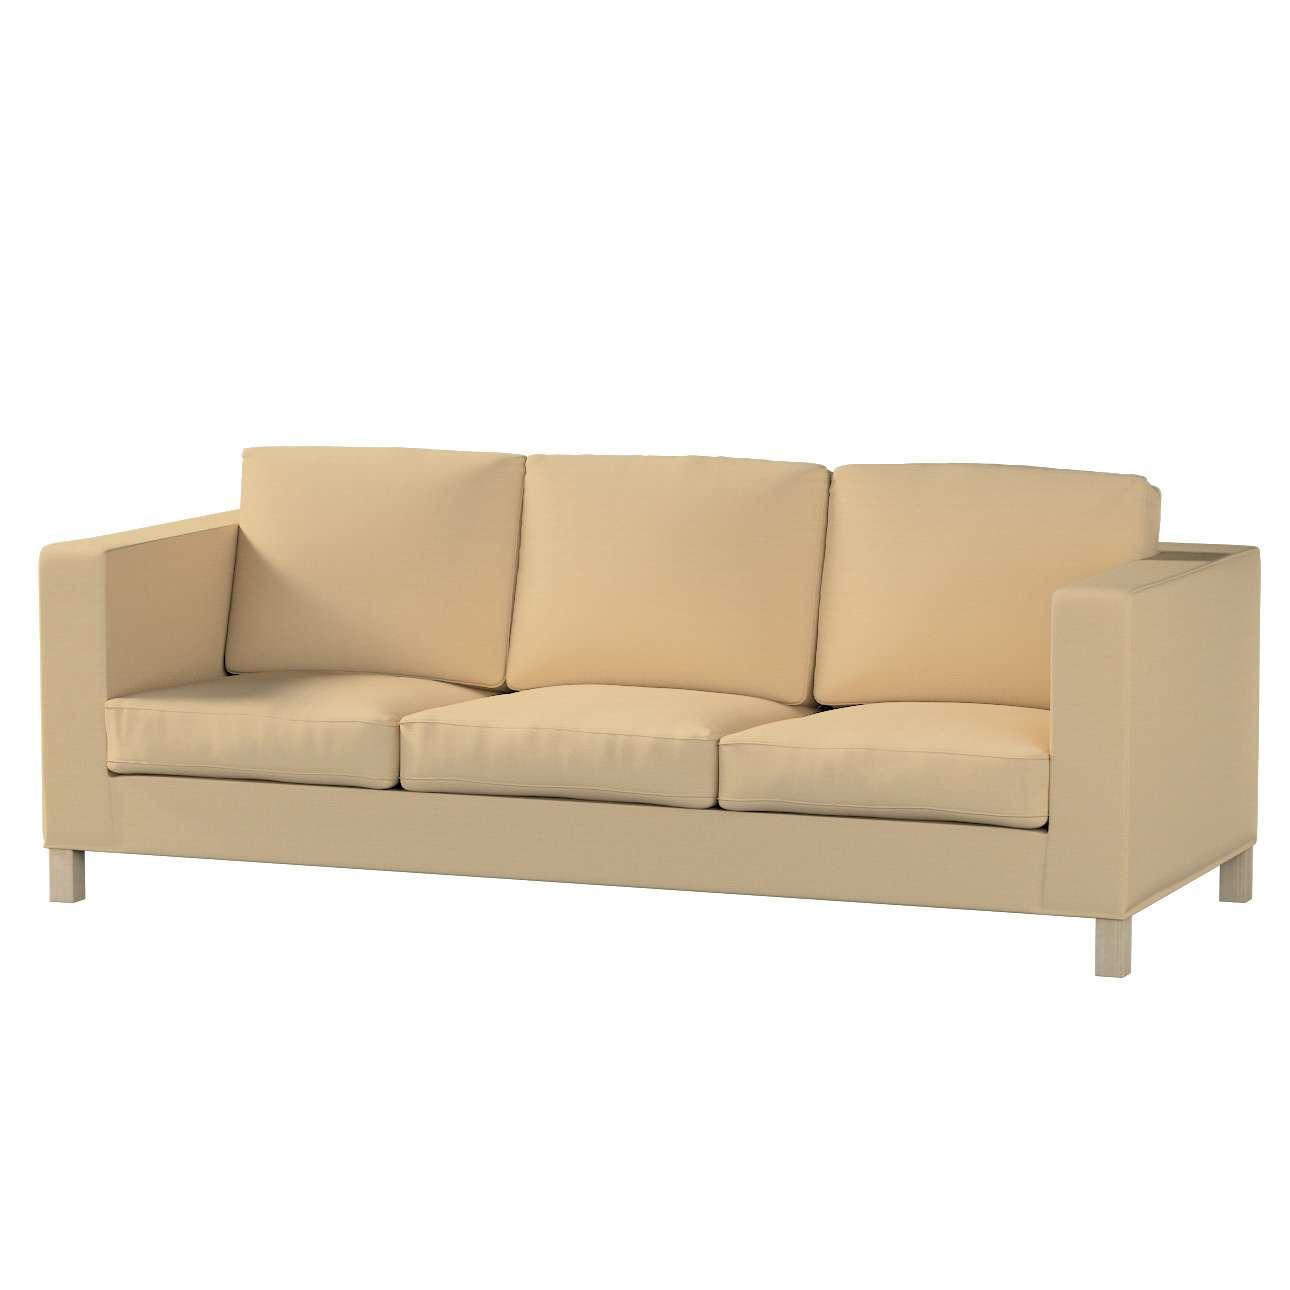 Pokrowiec na sofę Karlanda 3-osobową nierozkładaną, krótki Sofa Karlanda 3-os w kolekcji Cotton Panama, tkanina: 702-01